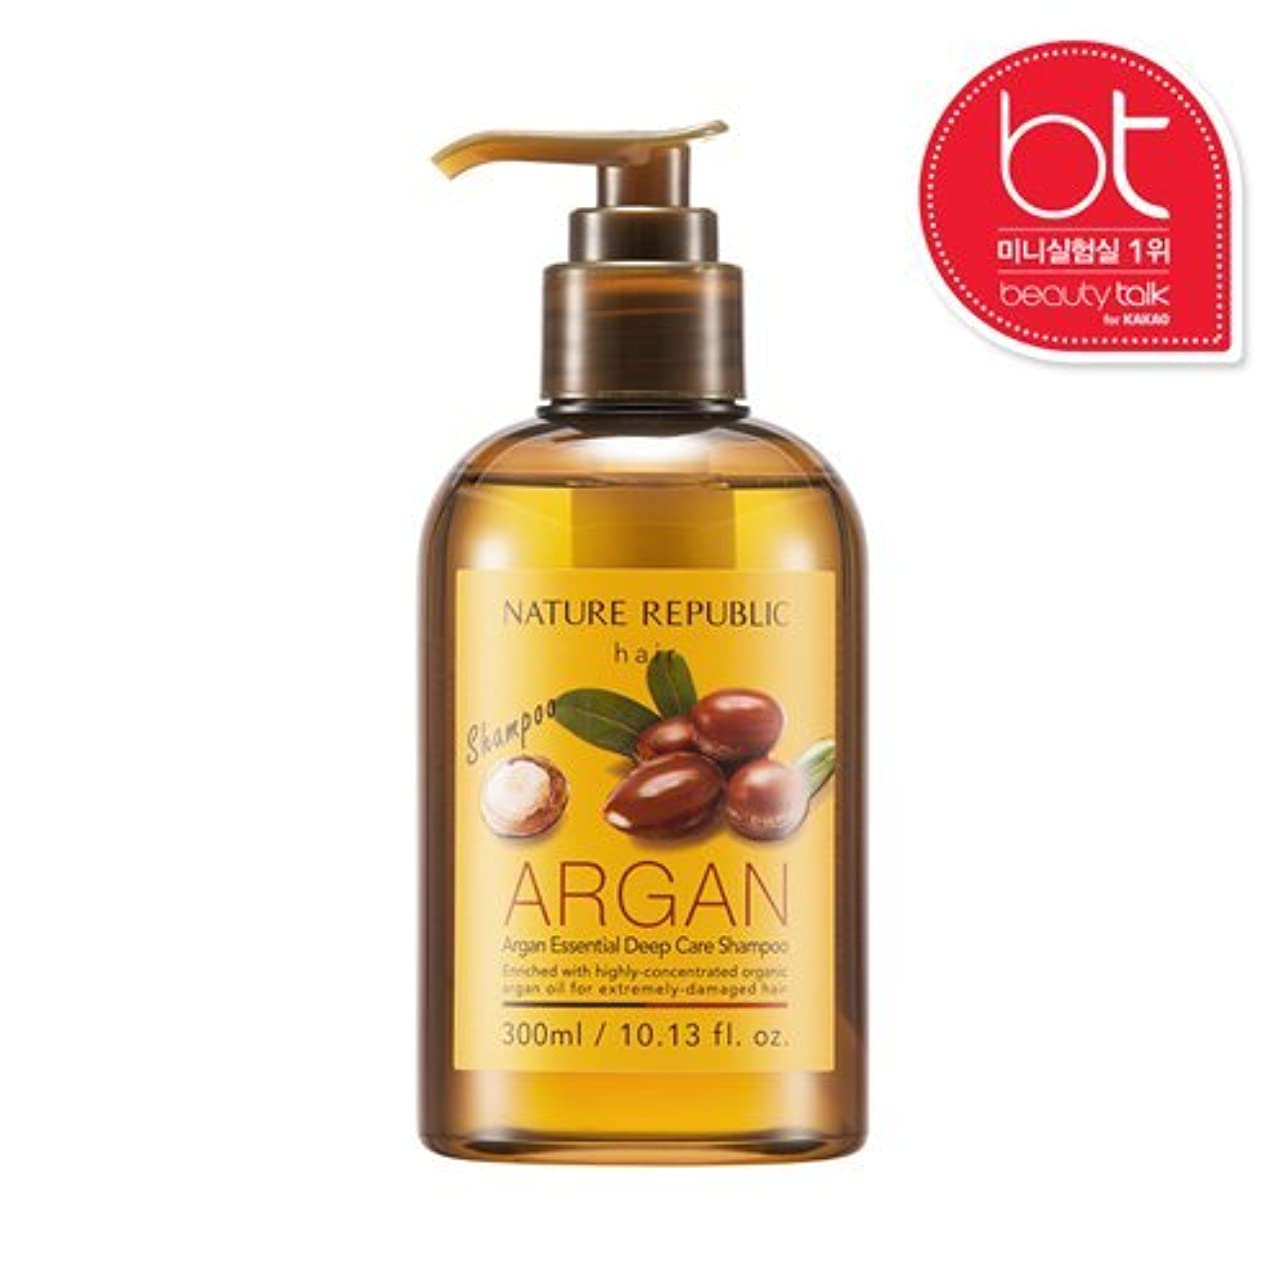 たくさんの普通に感謝祭(NATURE REPUBLIC ネイチャーリパブリック) ARGAN Essential Deep Care Shampoo アルガン エッセンシャル ディープ ケア シャンプー